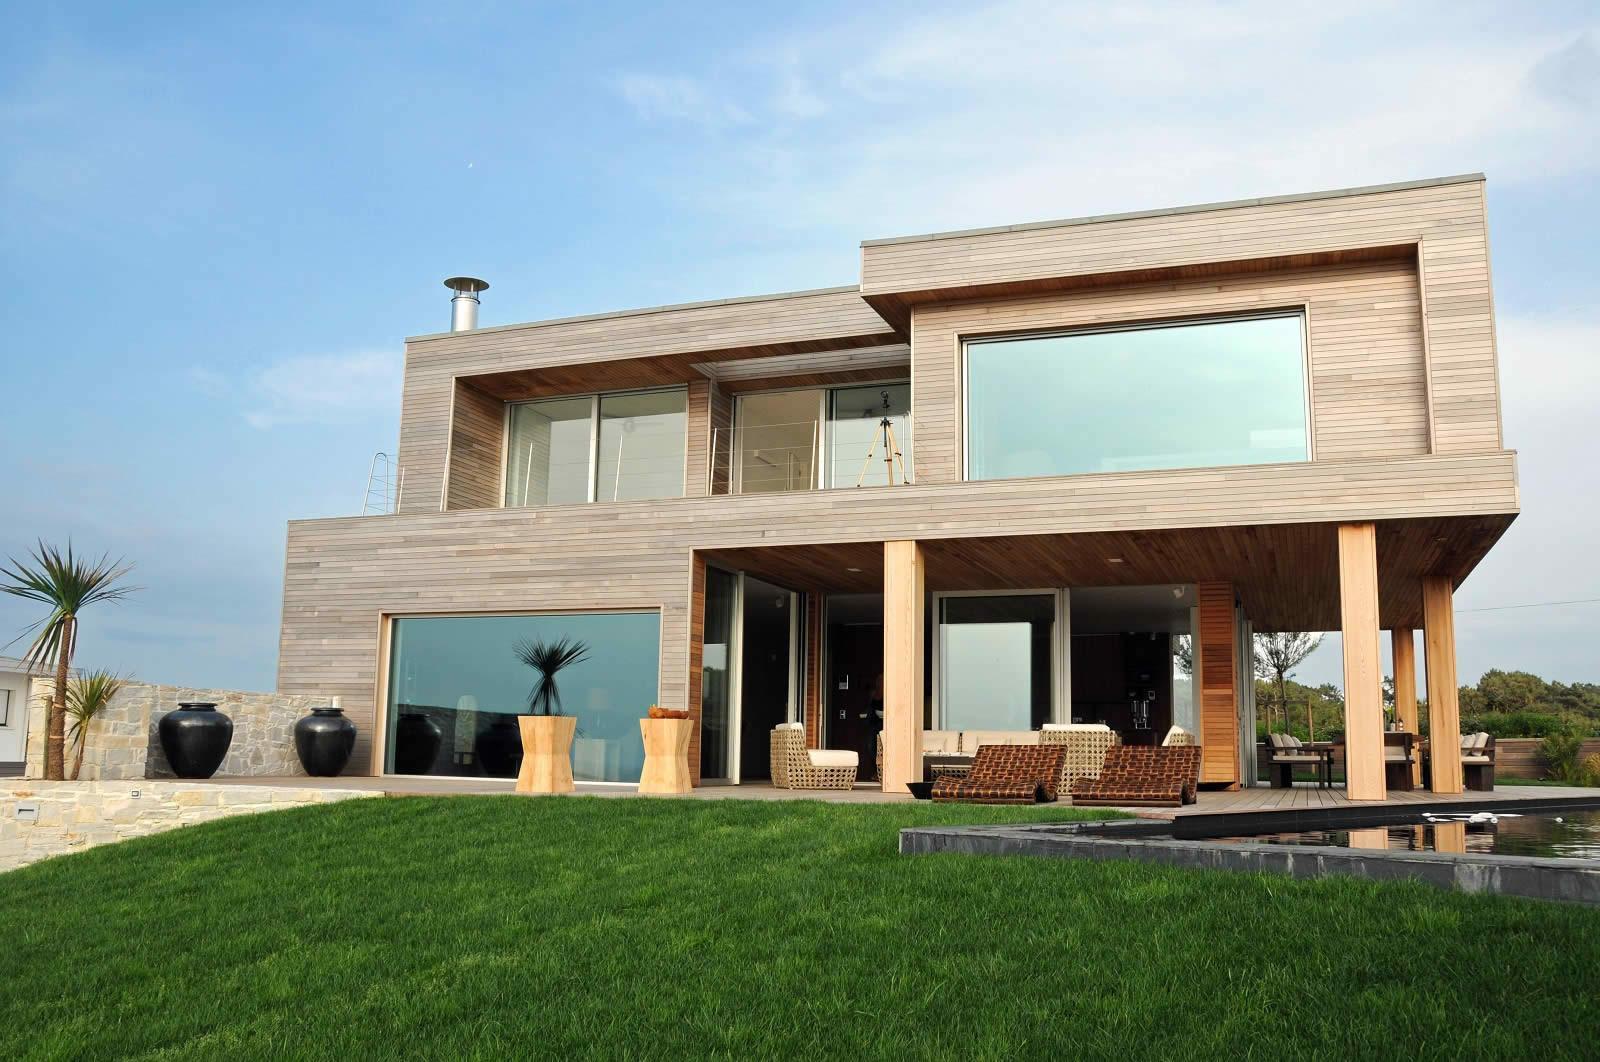 Les plus belles propri t s louer pour vos vacances - Villa de luxe vacances miami j design ...